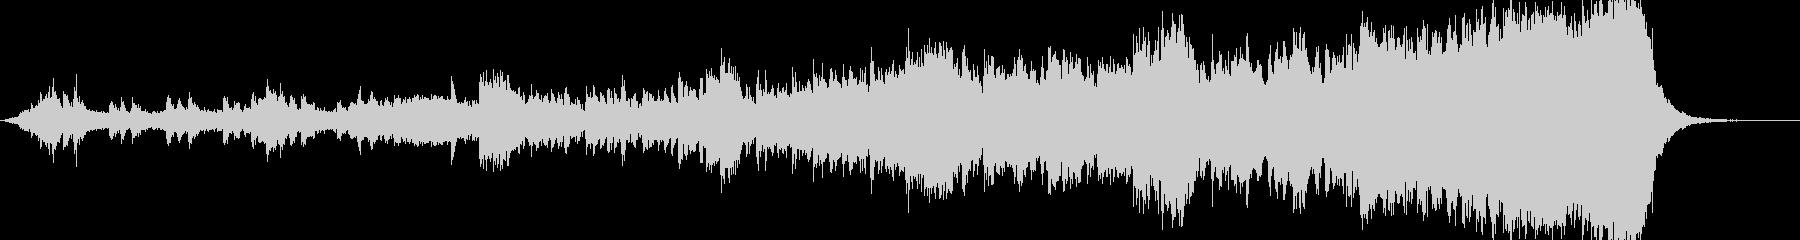 ストリングスによる緊迫感ある曲の未再生の波形